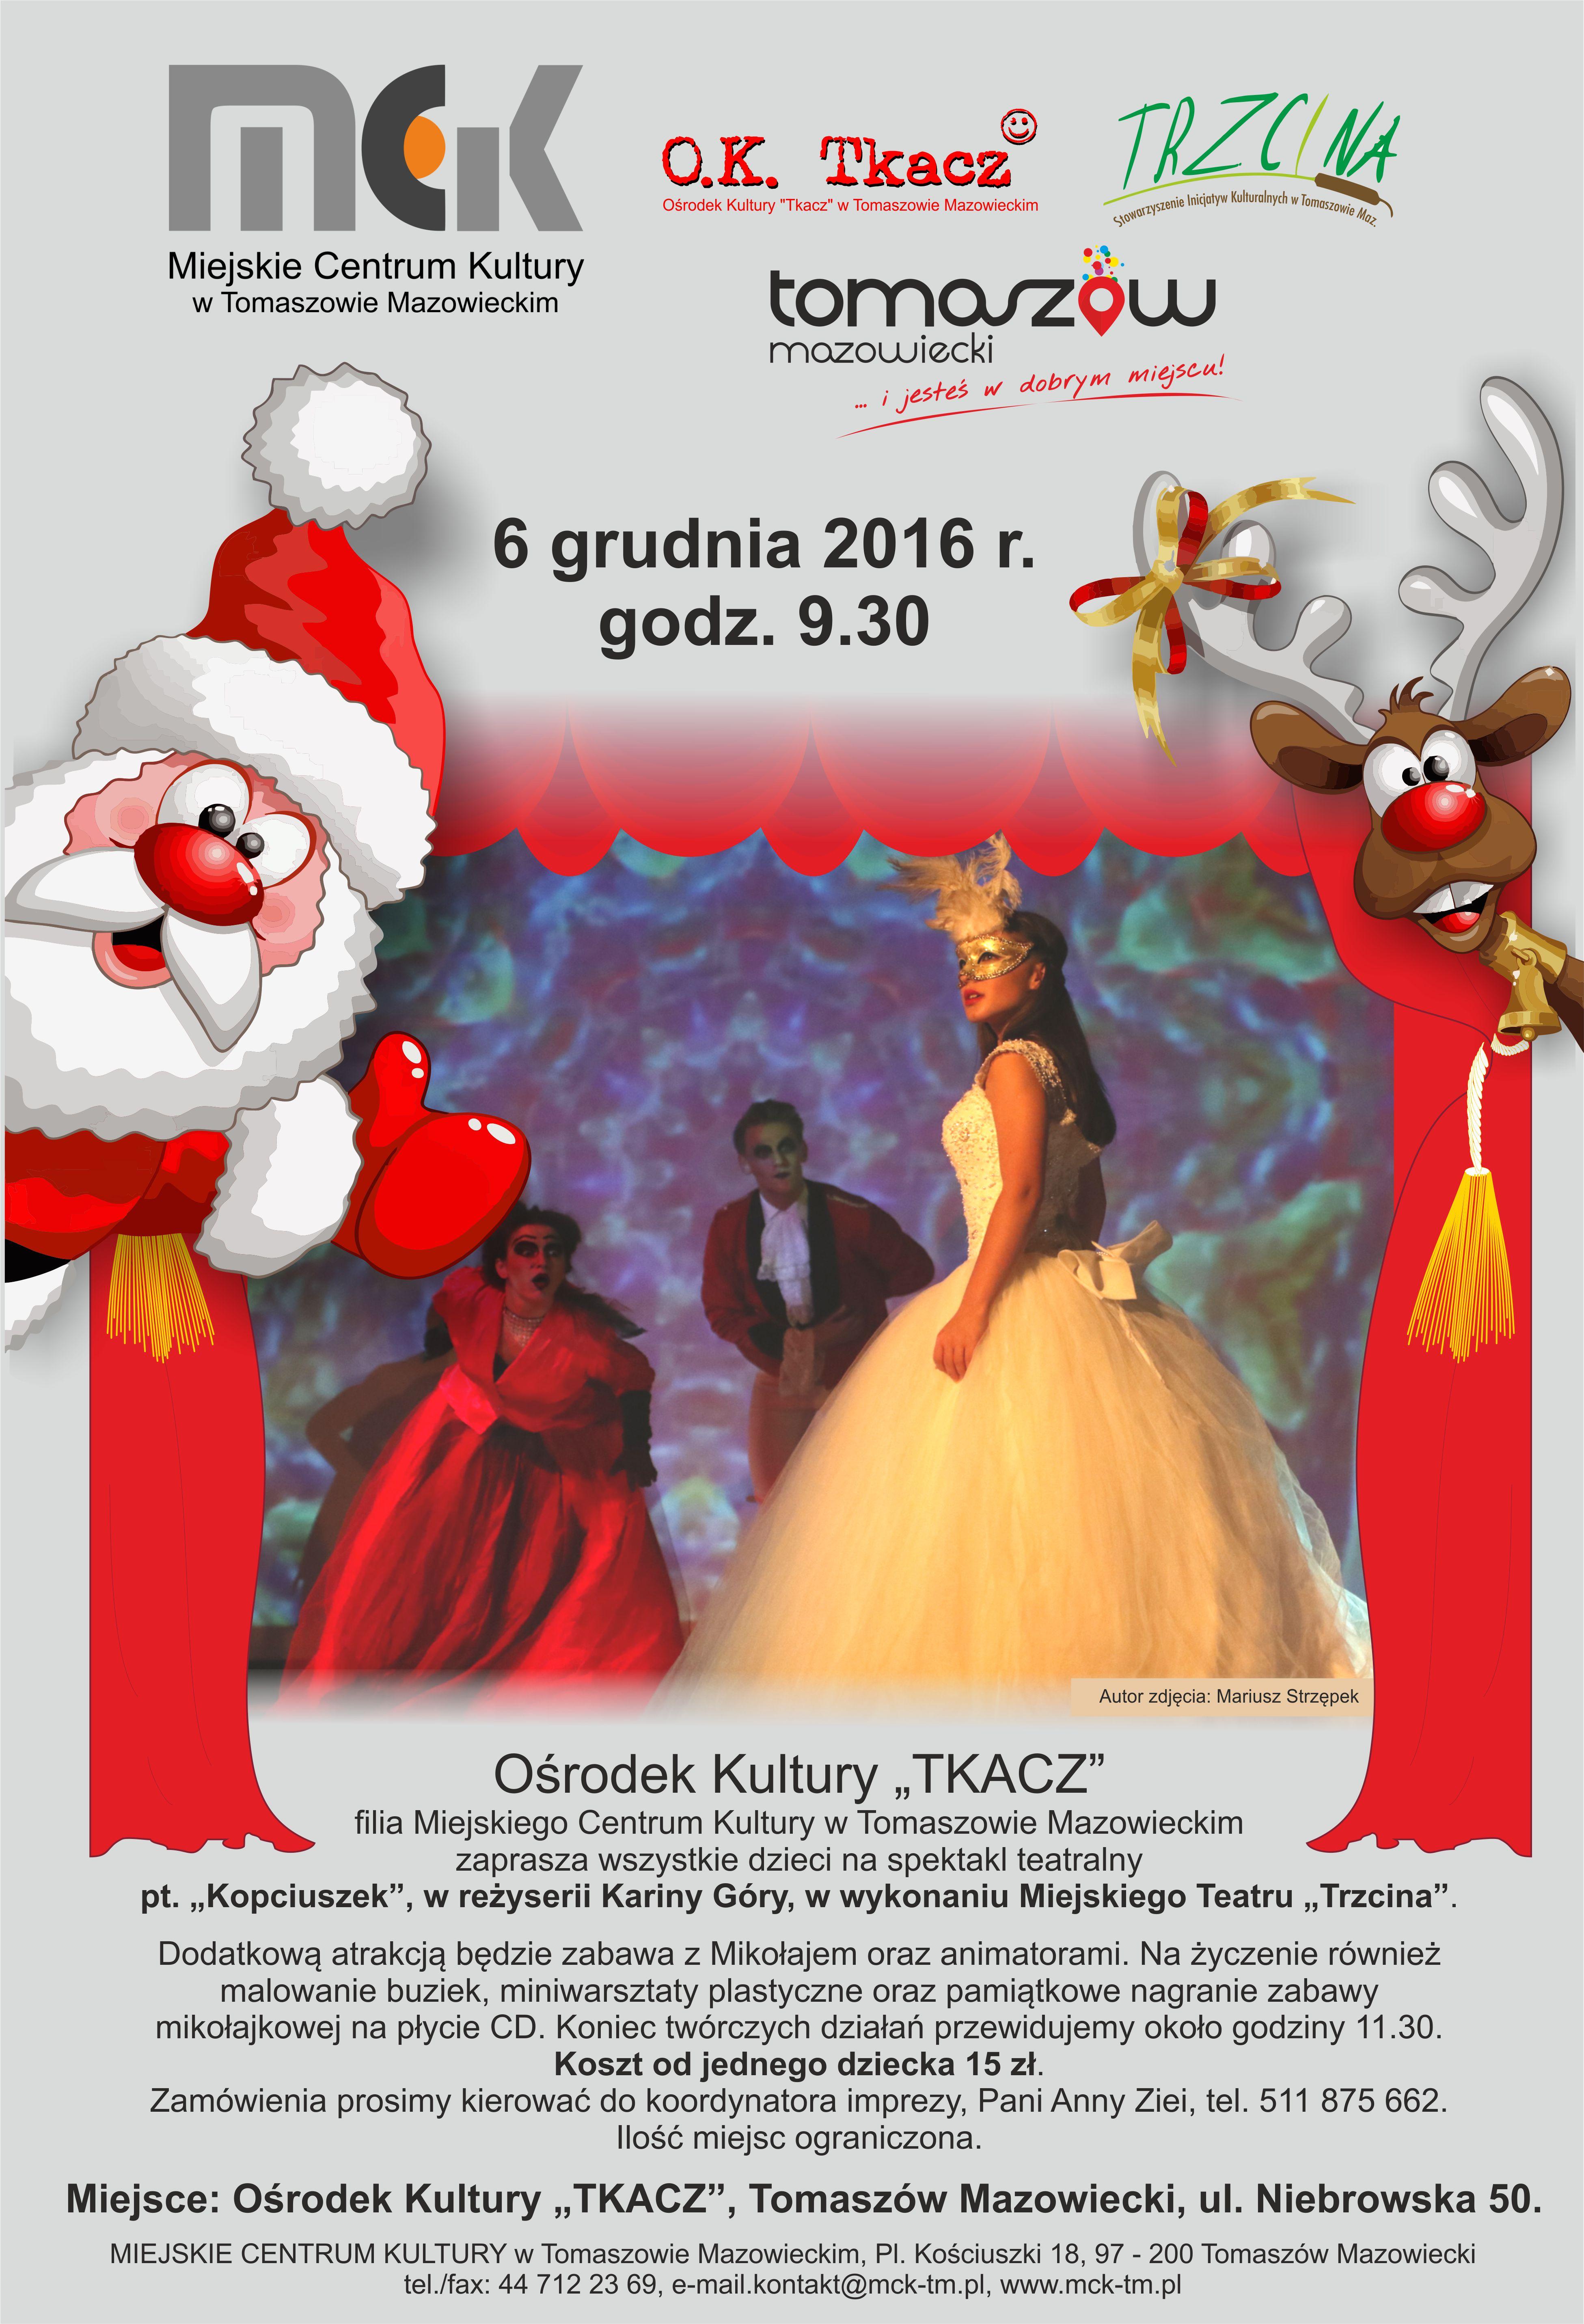 Plakat z informacjami o imprezie